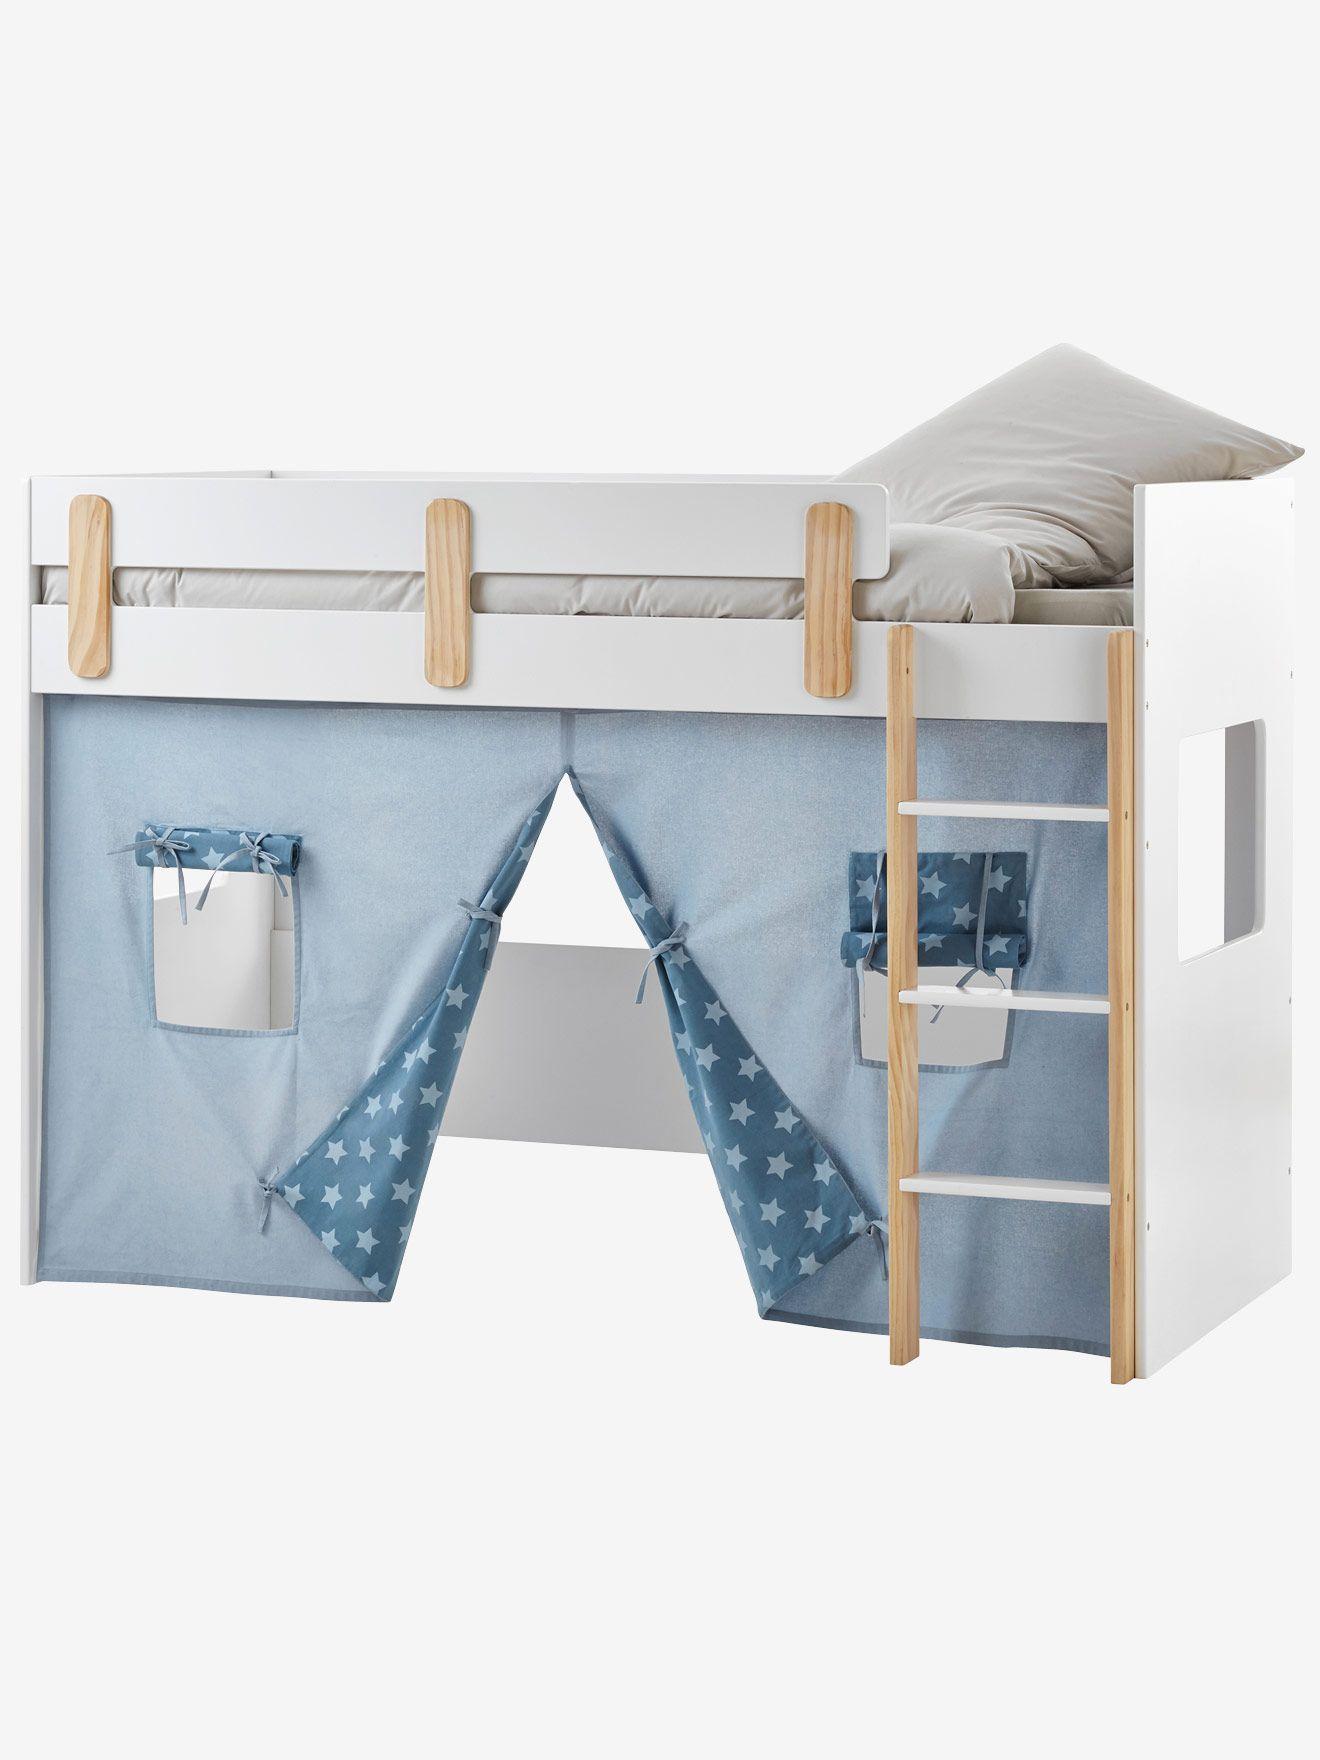 tuto lit cabane montessori si vous optez pour une lit cabane trs tendance vous ajoutez un ct. Black Bedroom Furniture Sets. Home Design Ideas